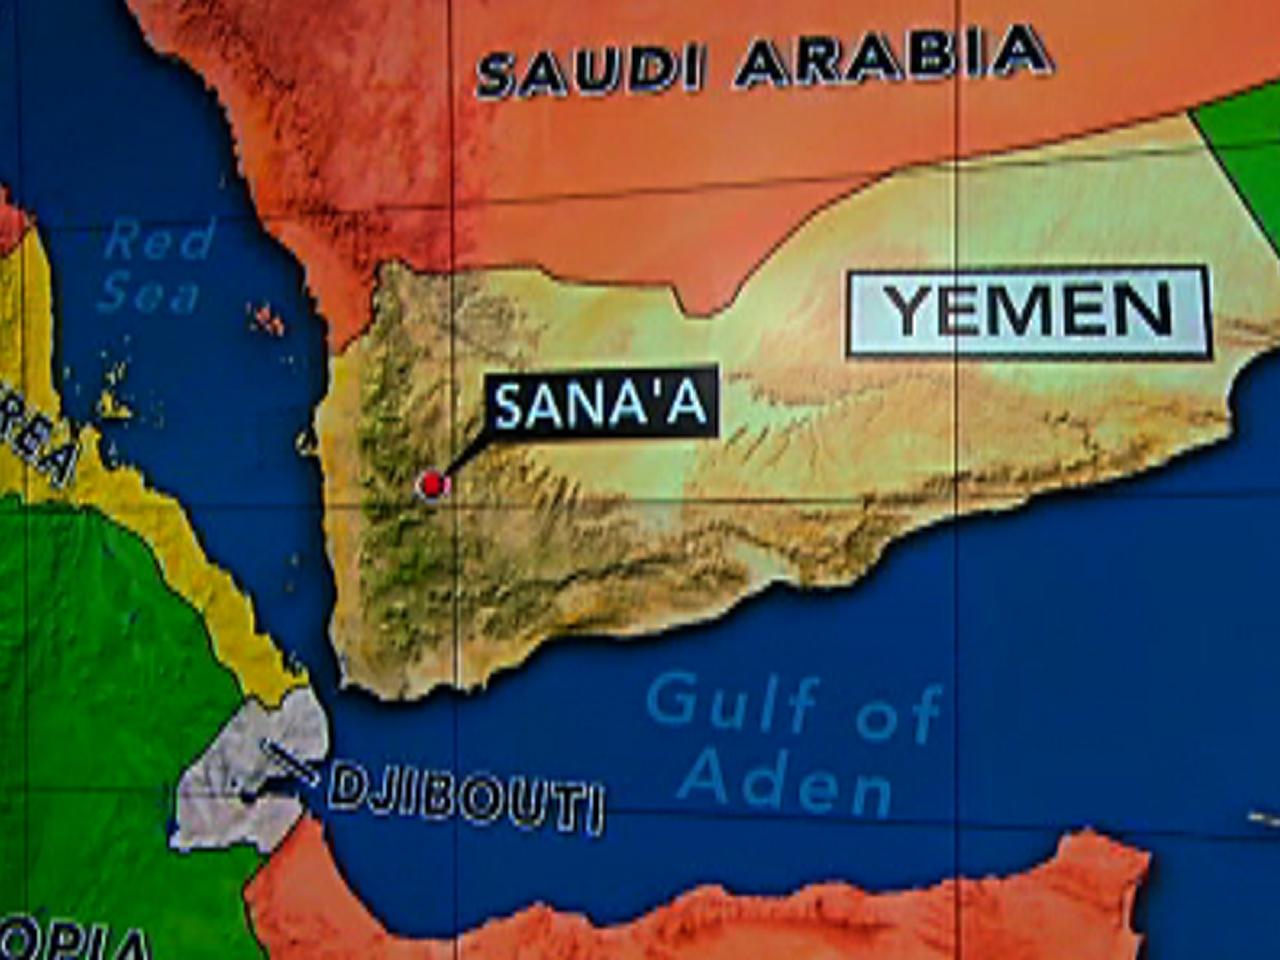 Yemen military making